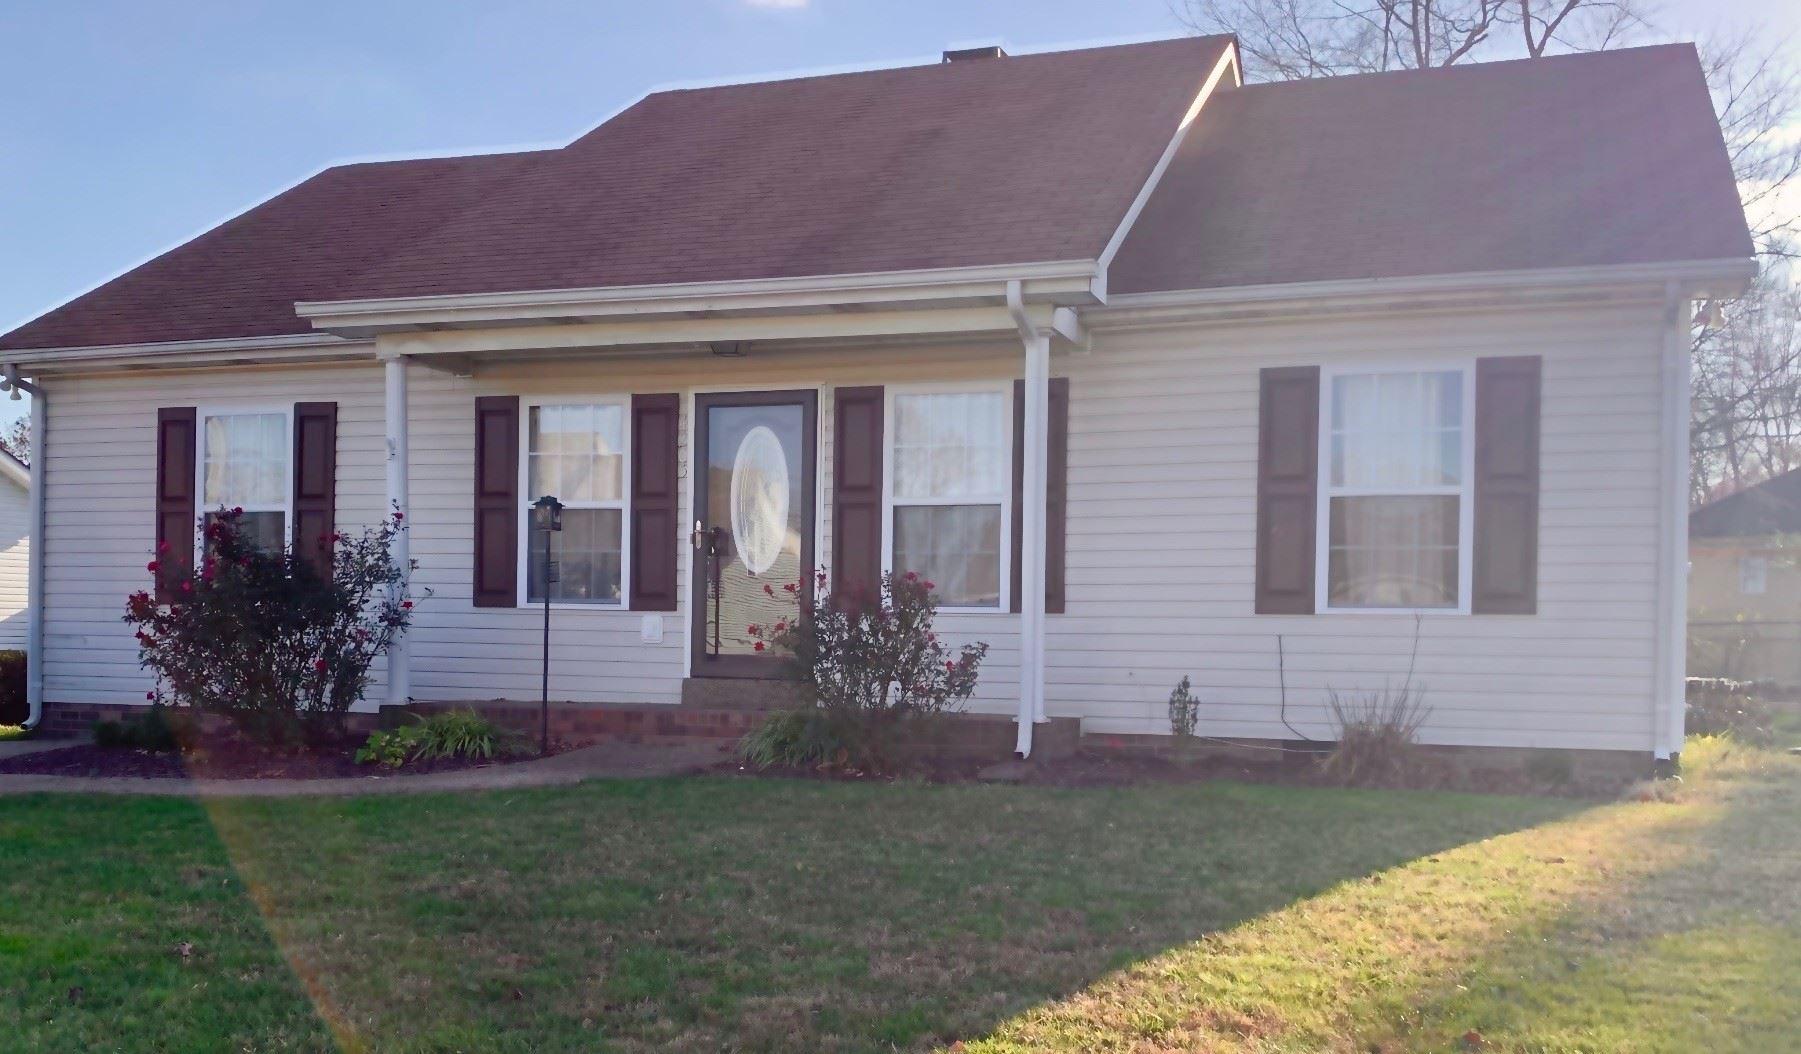 4205 Turners Bnd, Goodlettsville, TN 37072 - MLS#: 2208180